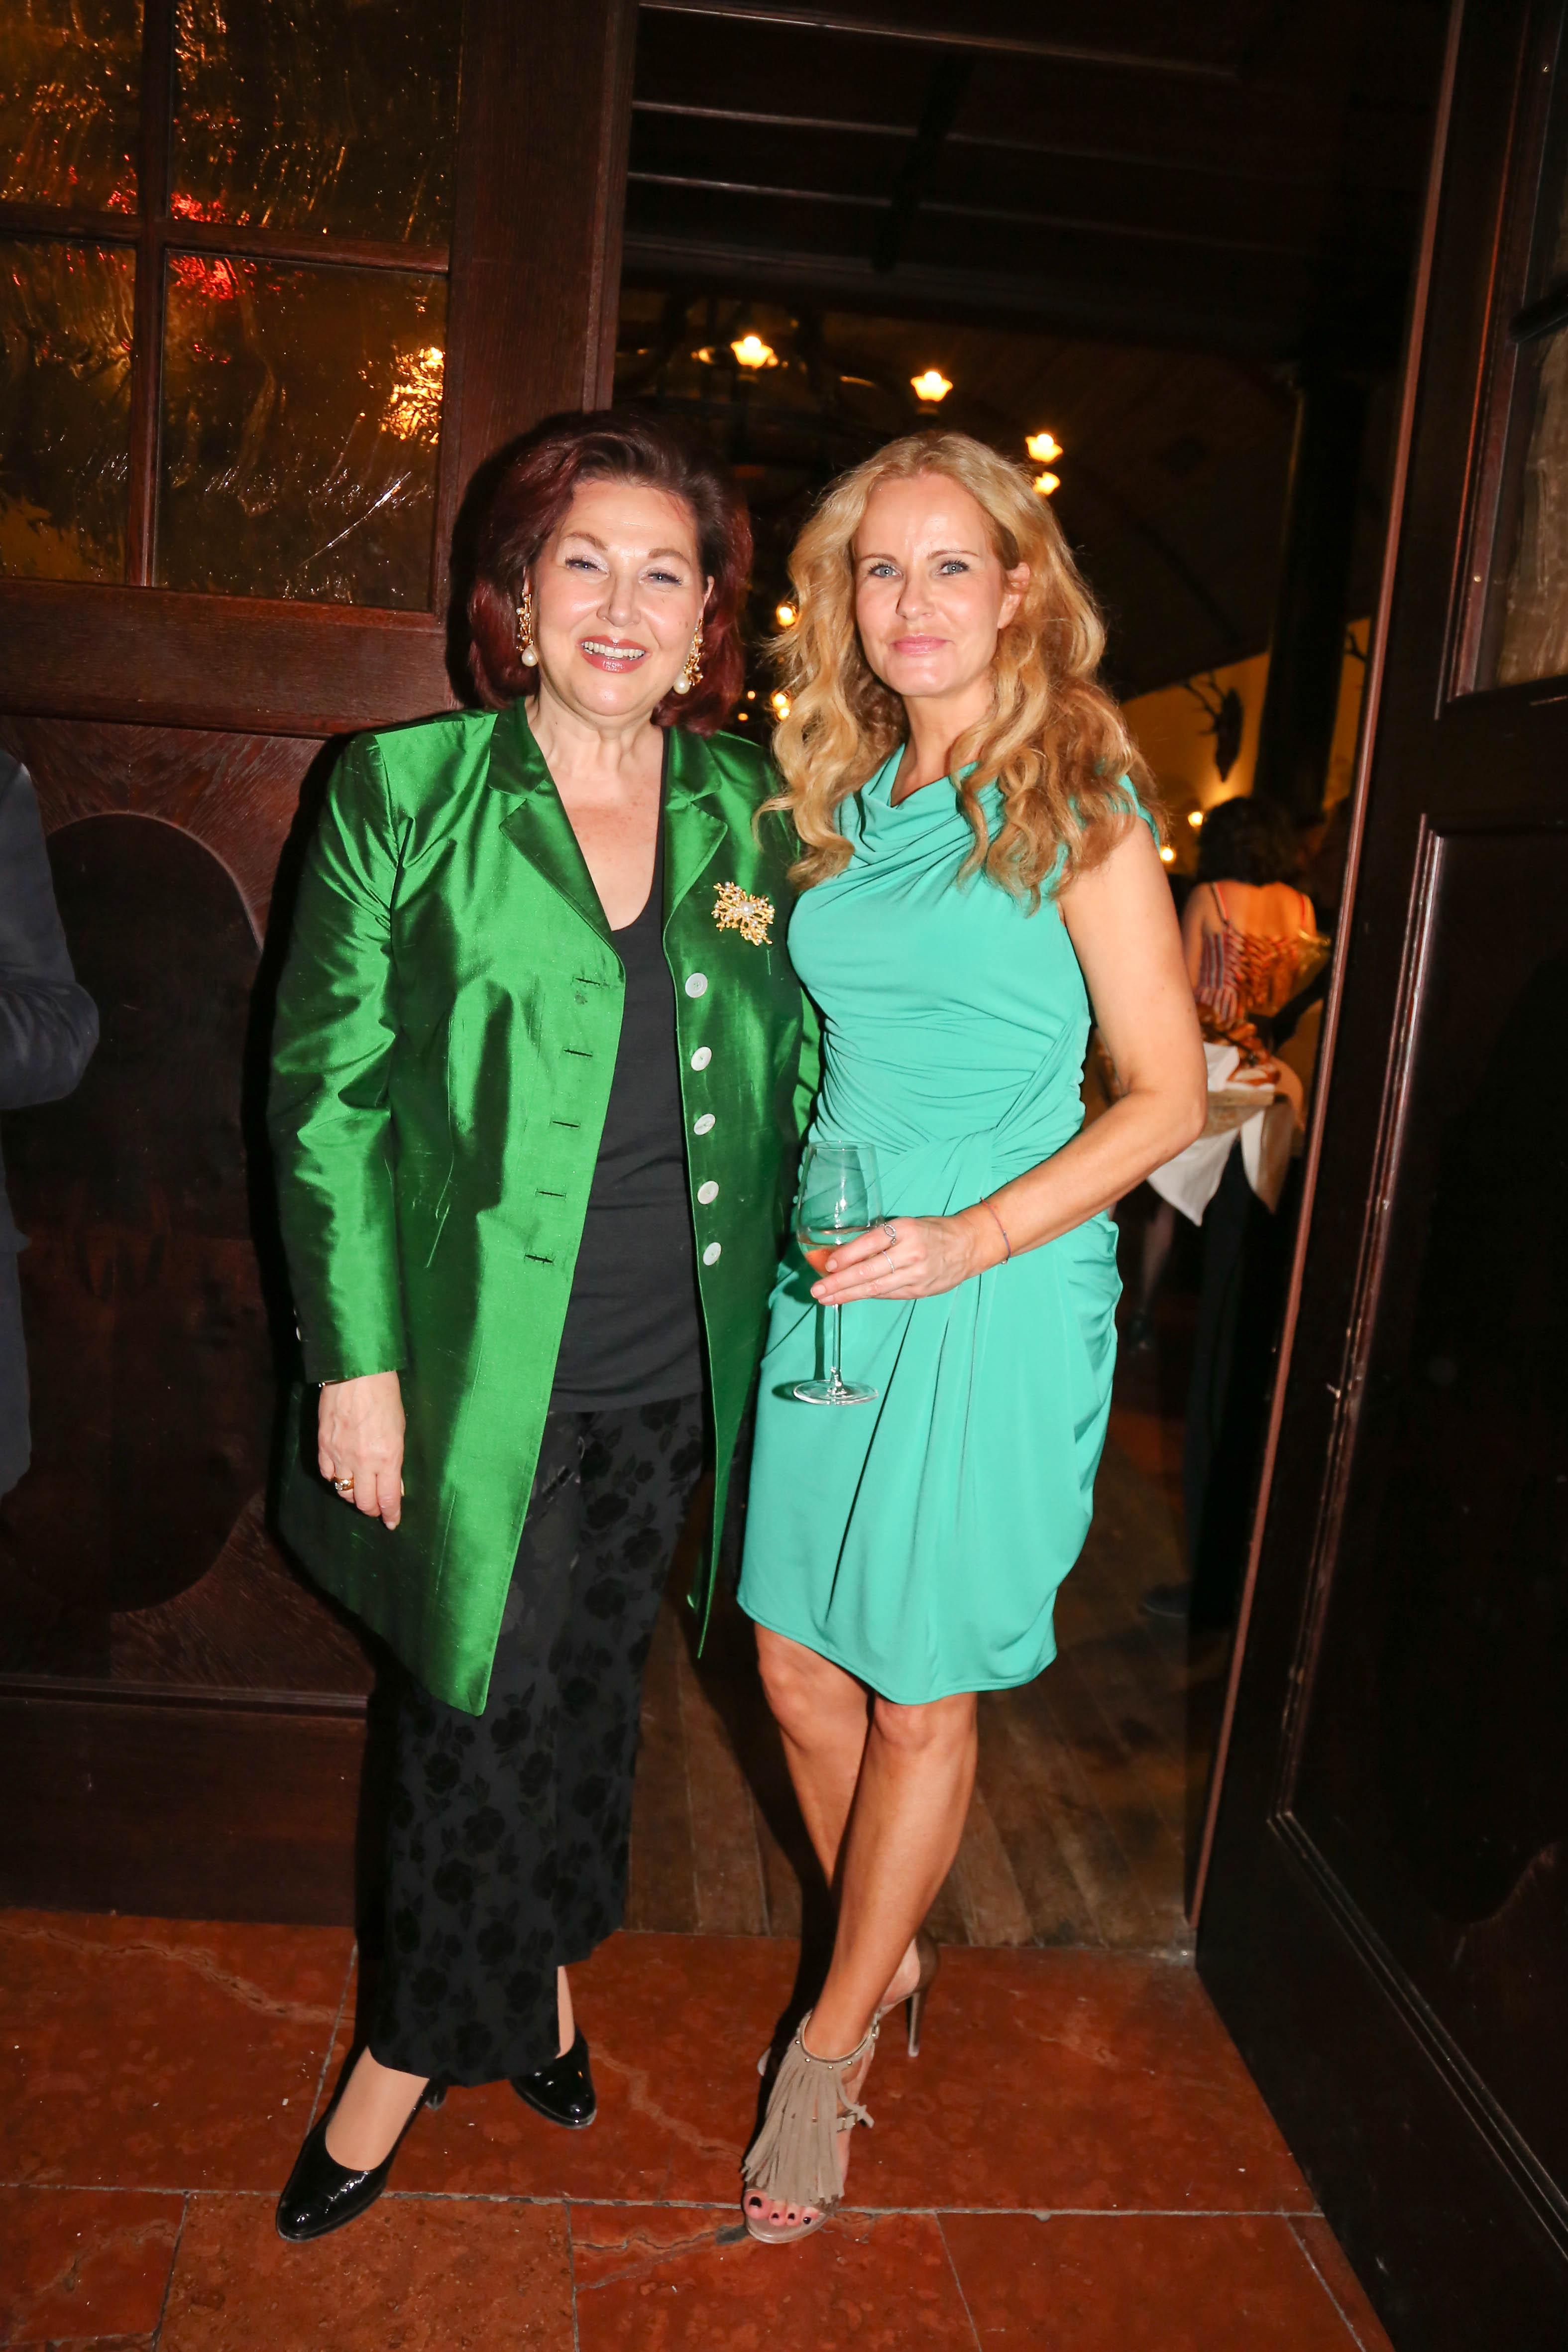 Harf in grünem Satin, Katja Burkhard in Türkis zur Jedermann Premierenfeier